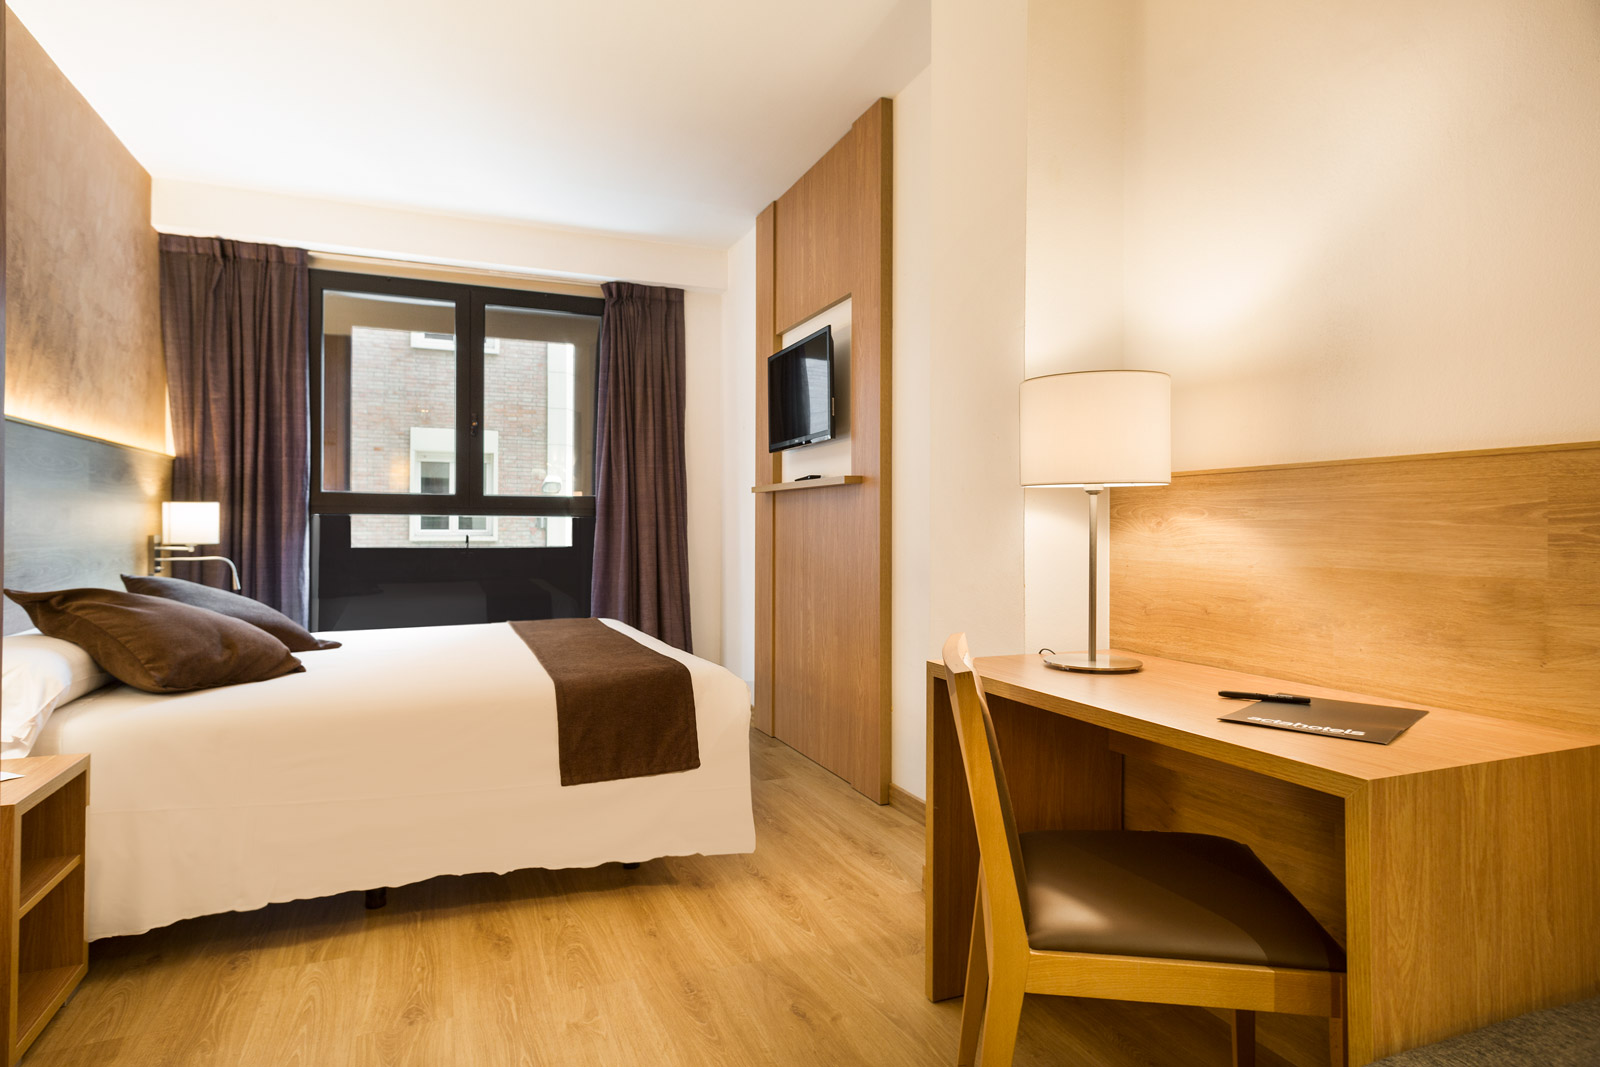 HOTEL_AZUL_HABITACIÓN_DOBLE_C1Q_05